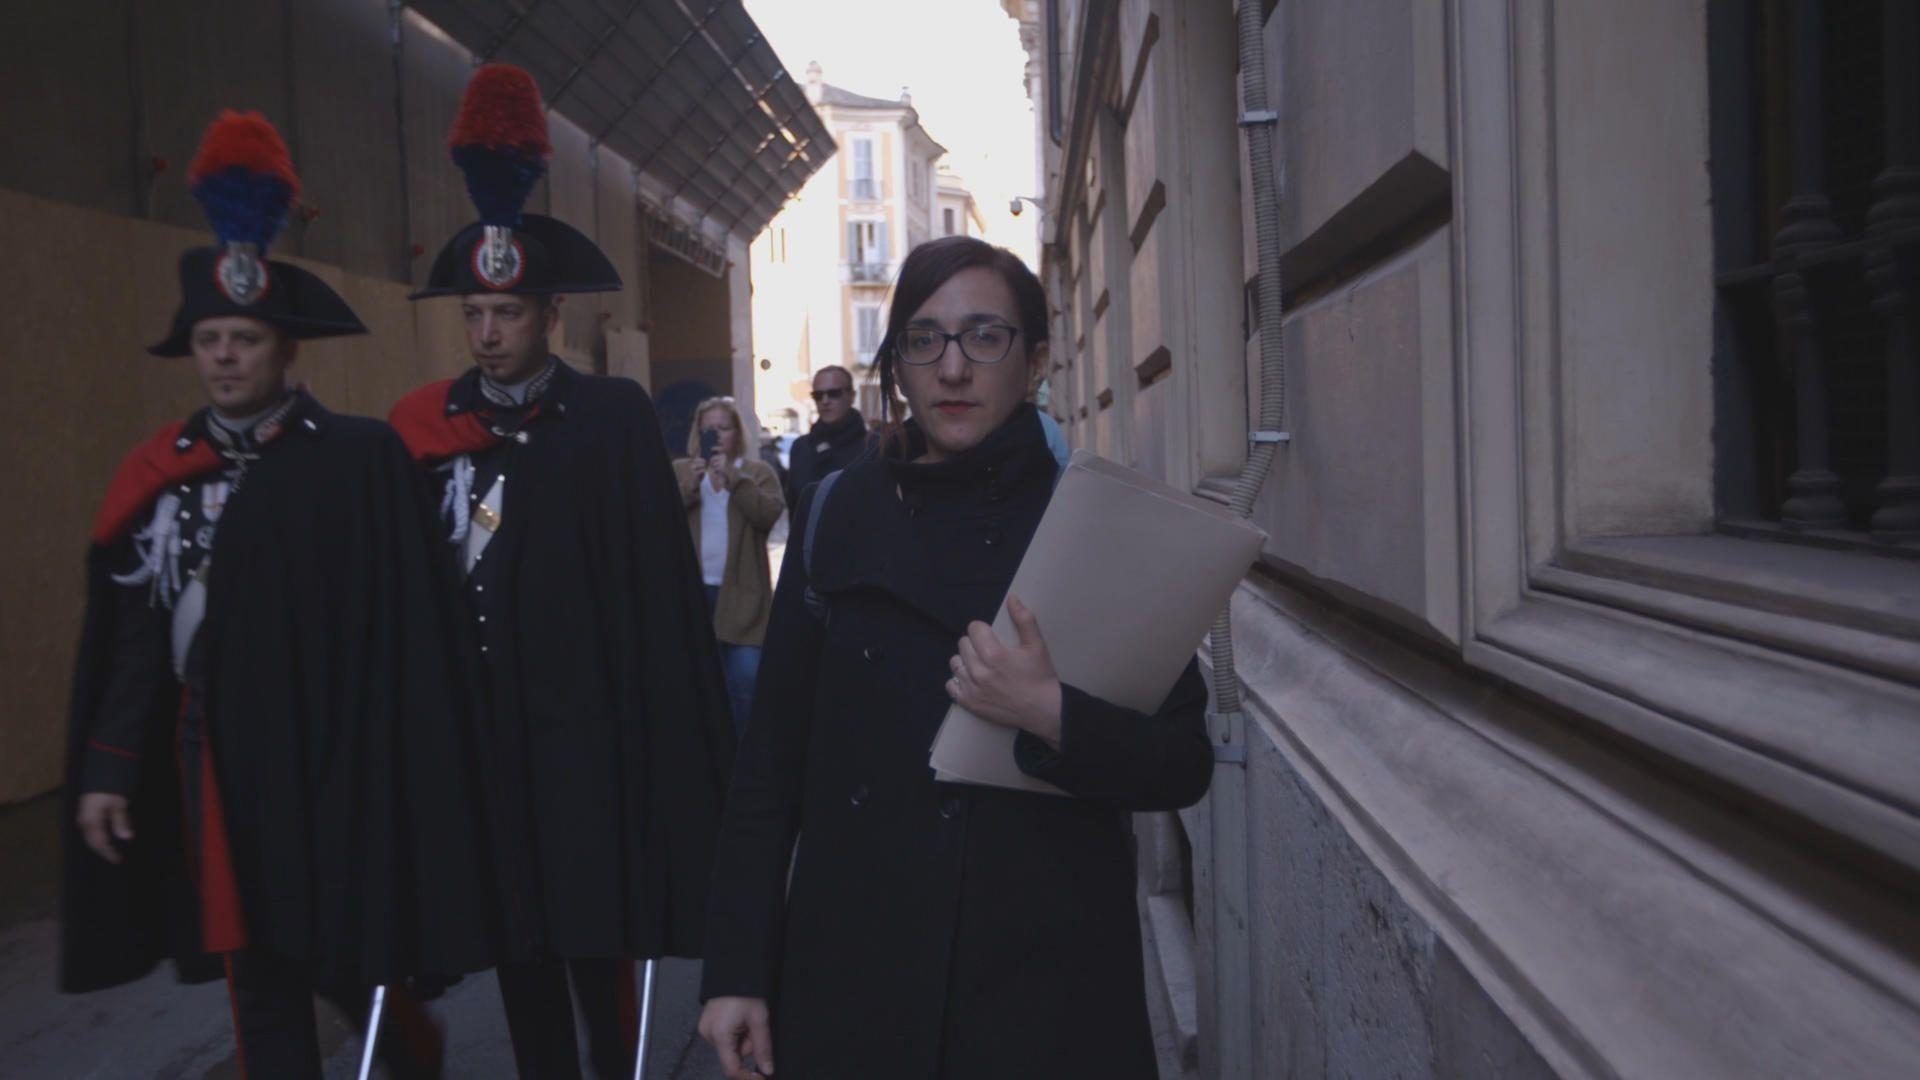 Το VICE Greece και η senior producer του, Αναστασία Μουμτζάκη, απέκτησε πρώτα σε σχέση με οποιαδήποτε άλλο ελληνικό μέσο πρόσβαση σε απόρρητα έγγραφα των Ιταλικών μυστικών υπηρεσιών για το θέμα της παράνομης διακίνησης αποβλήτων στη Μεσόγειο.